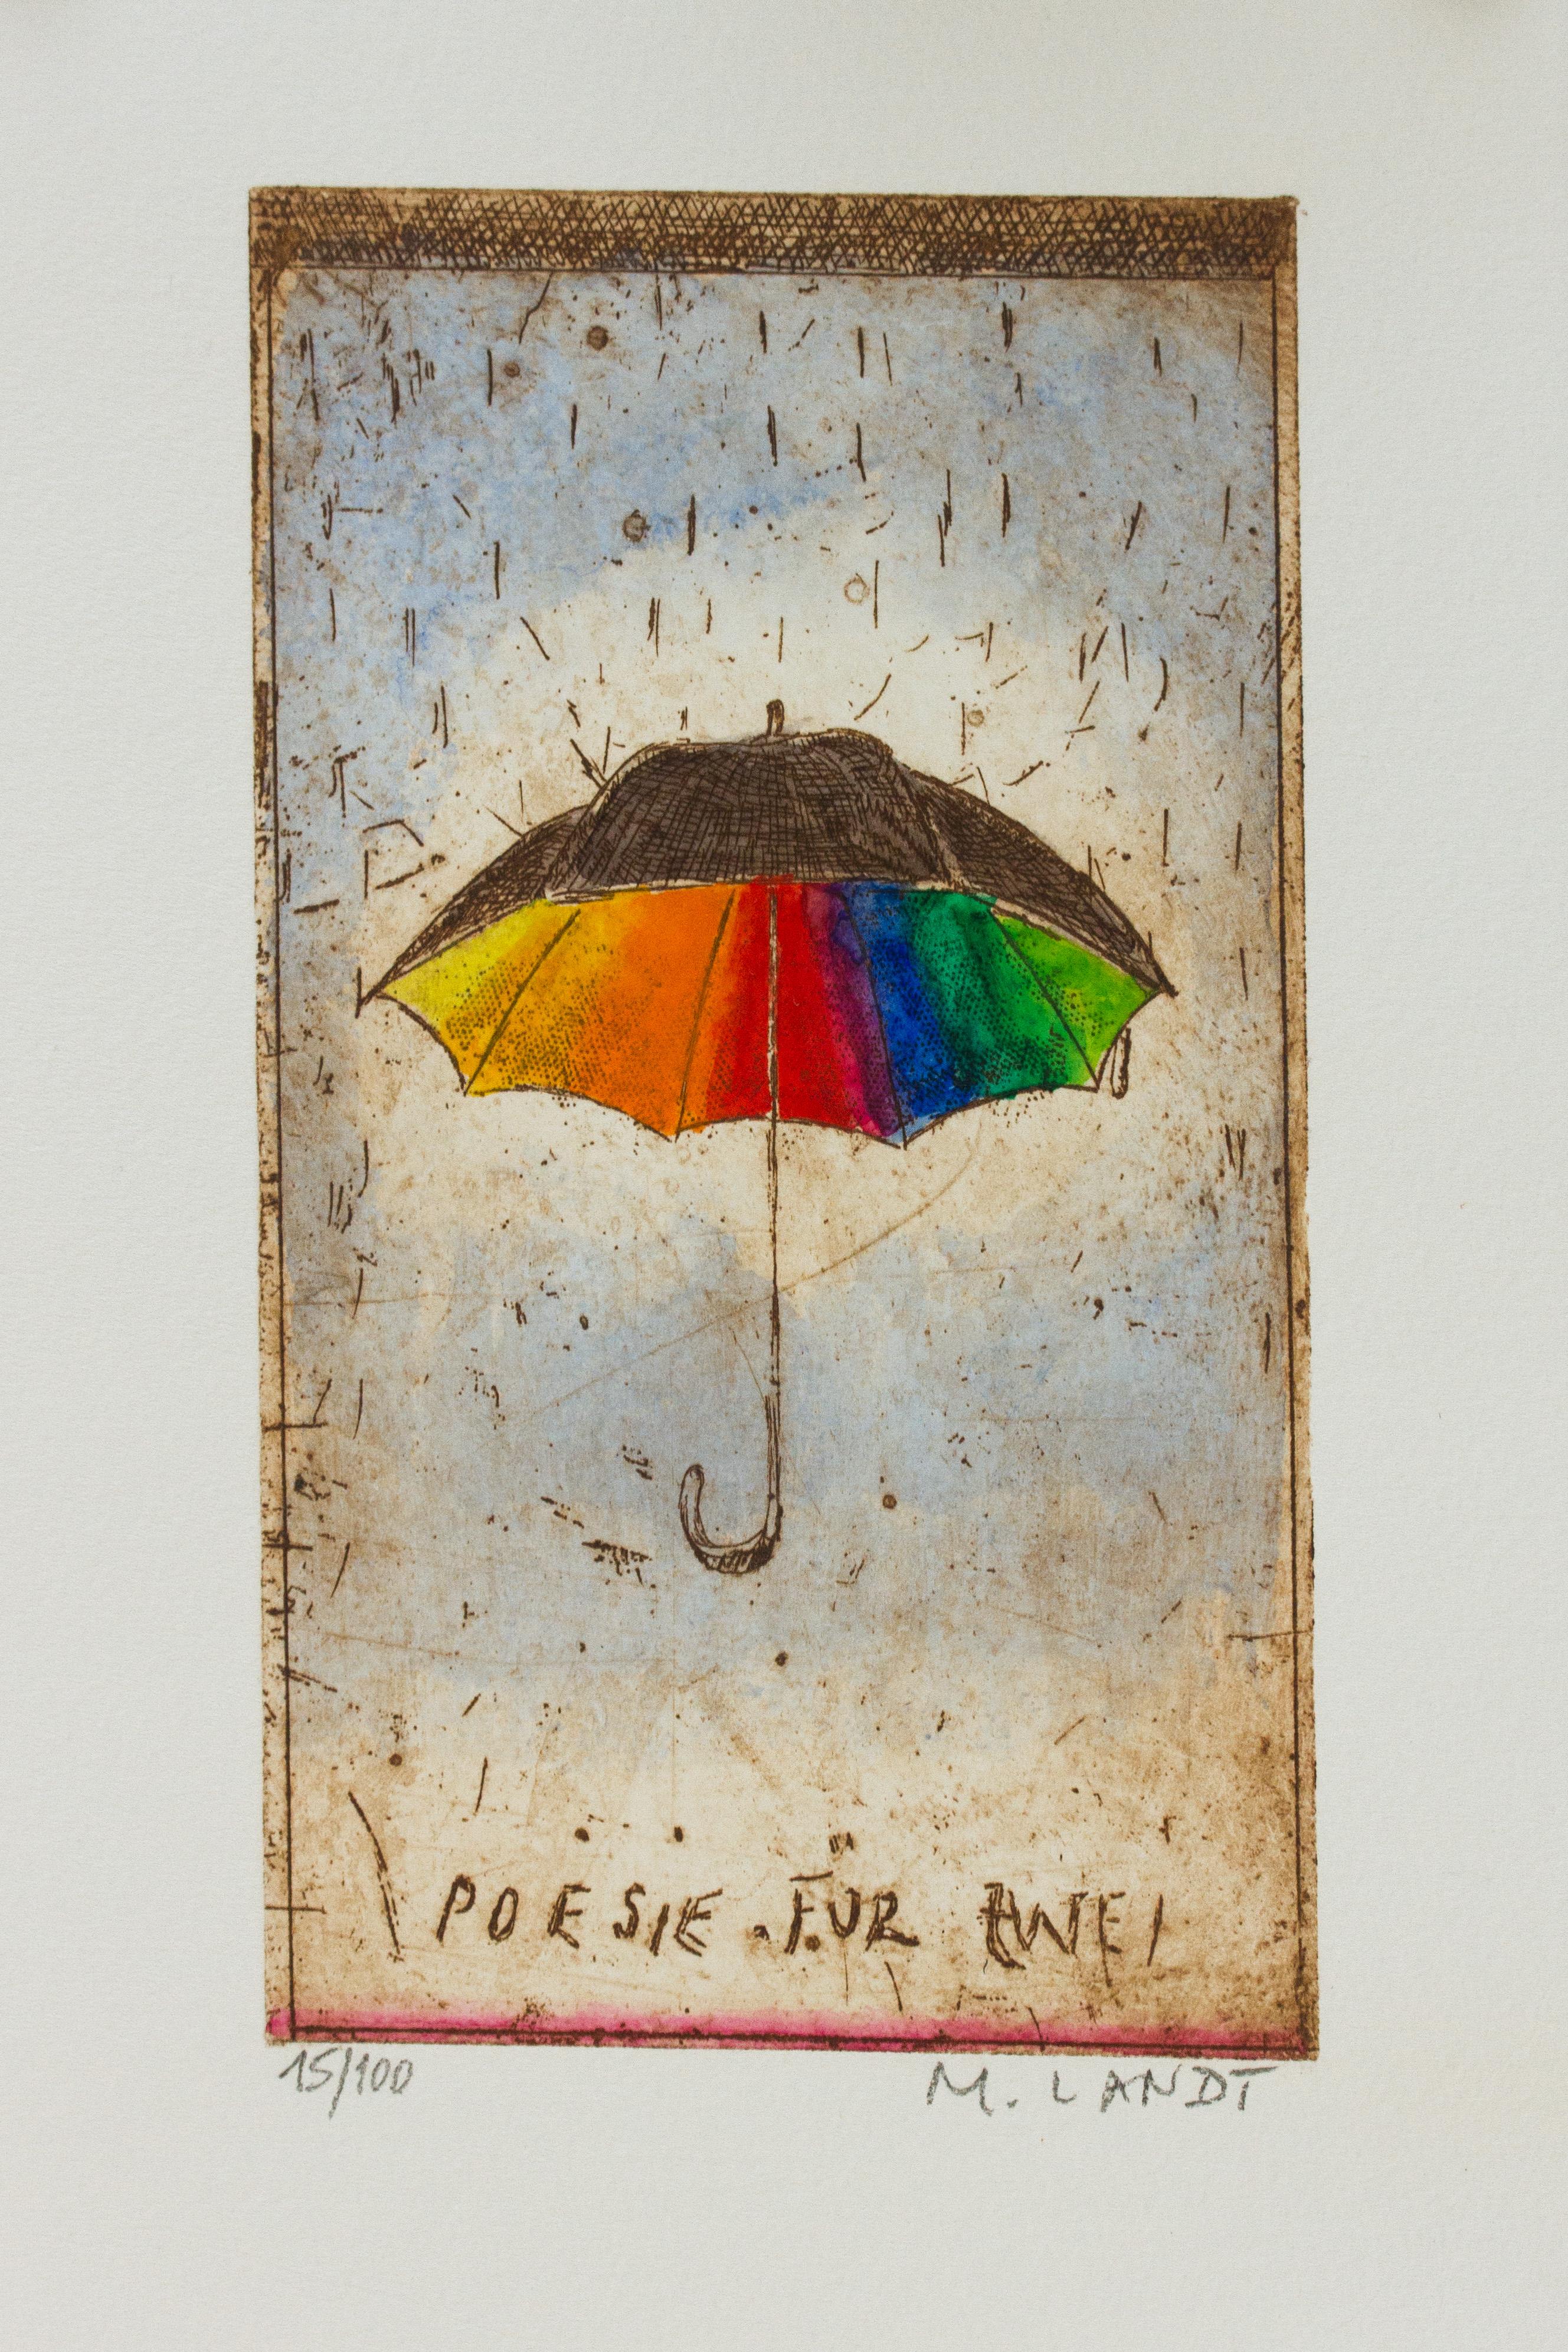 Regenschirm_-_Poesie_für_zwei